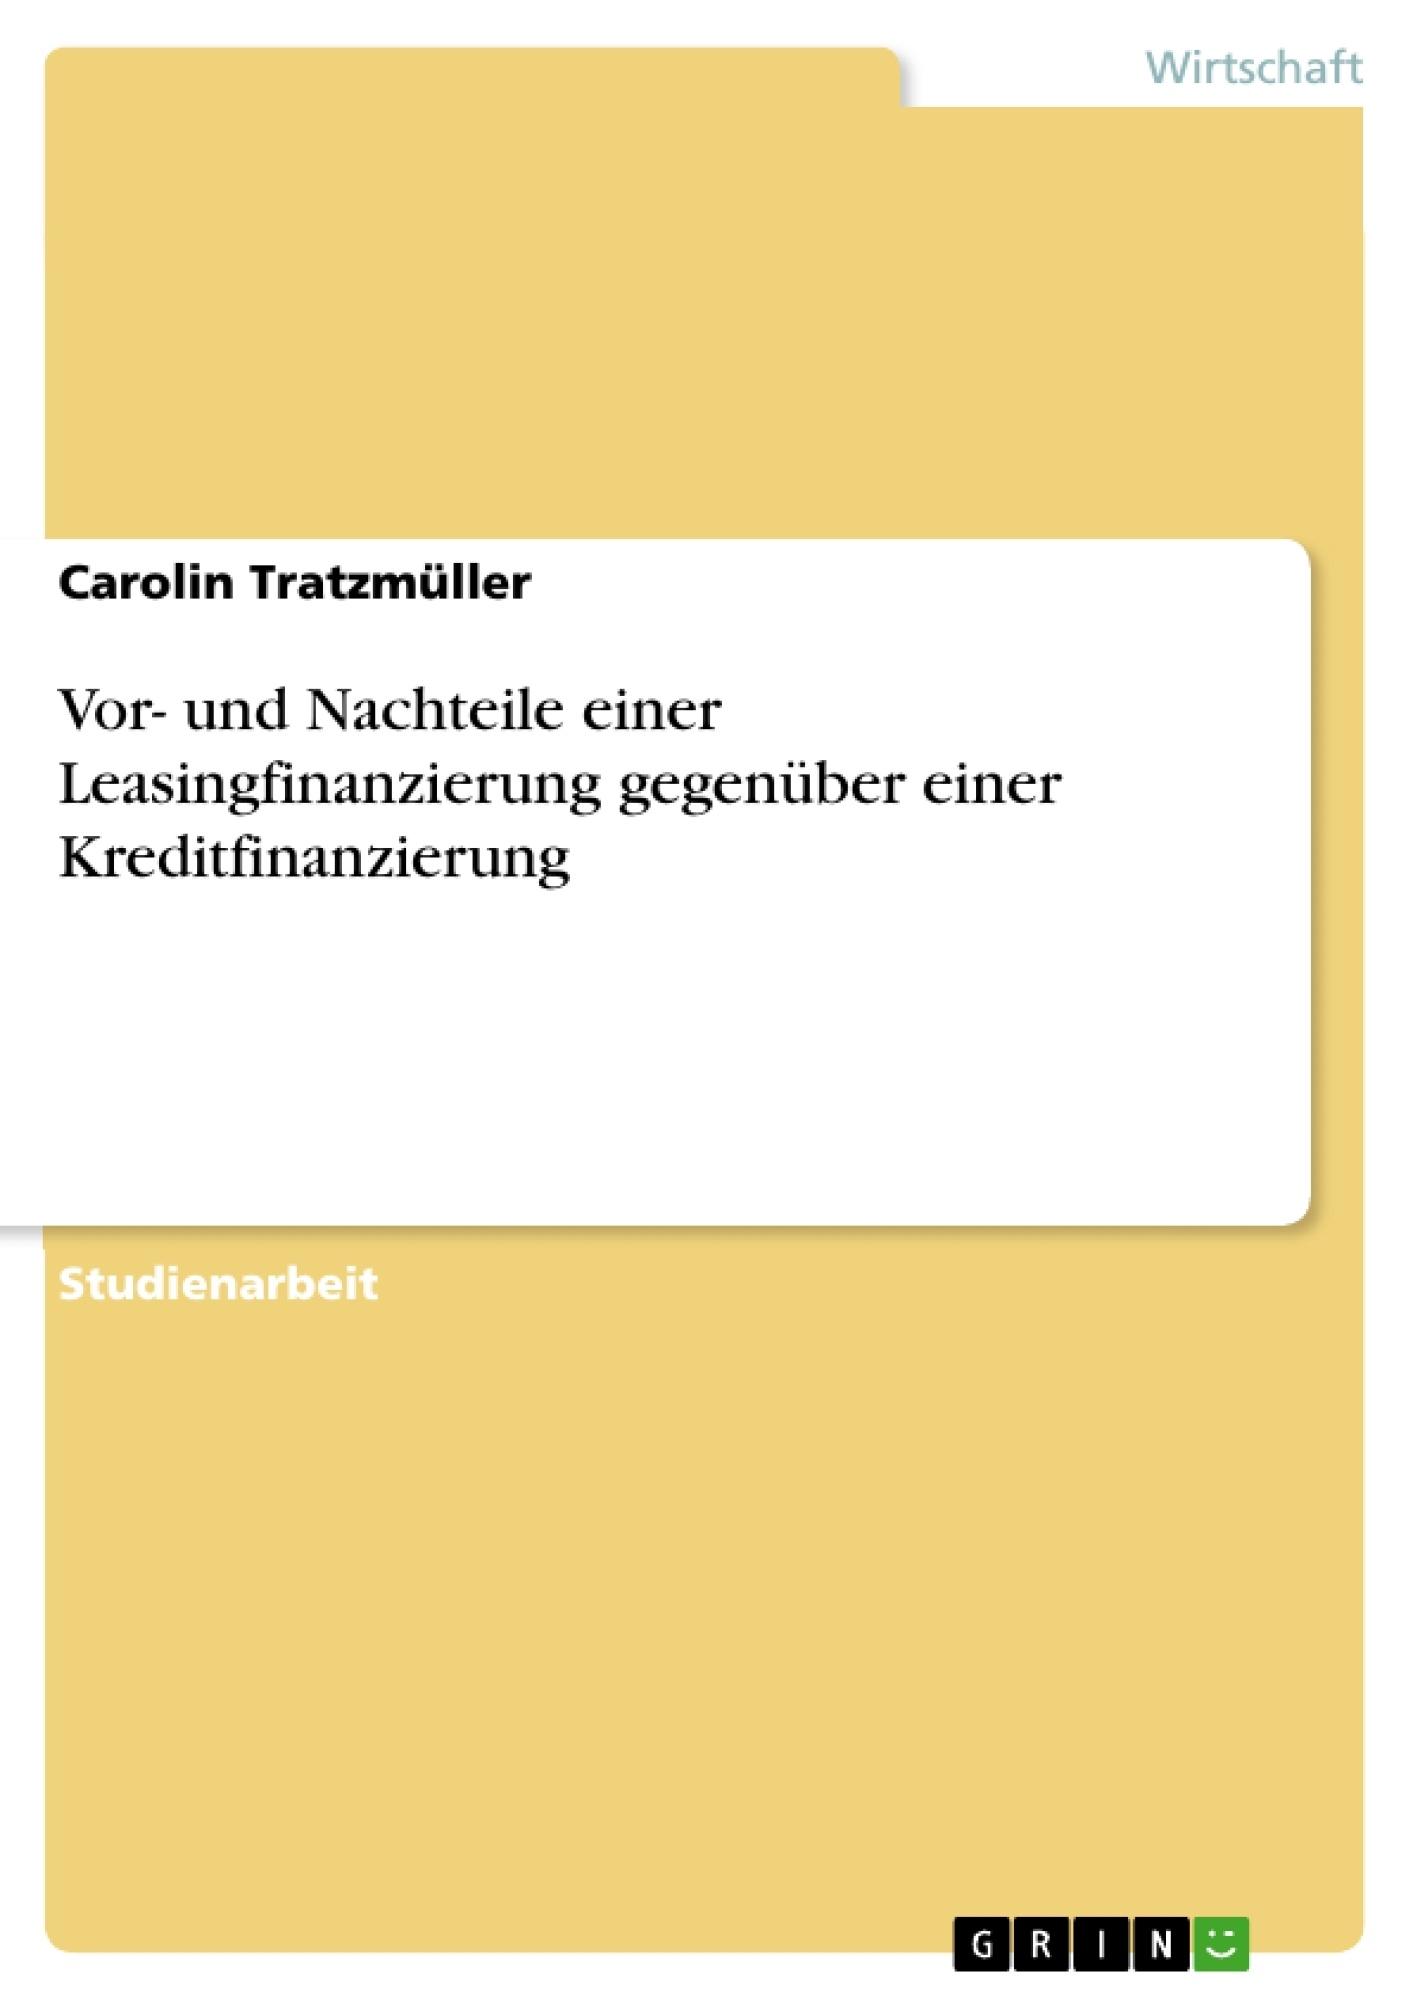 Titel: Vor- und Nachteile einer Leasingfinanzierung gegenüber einer Kreditfinanzierung